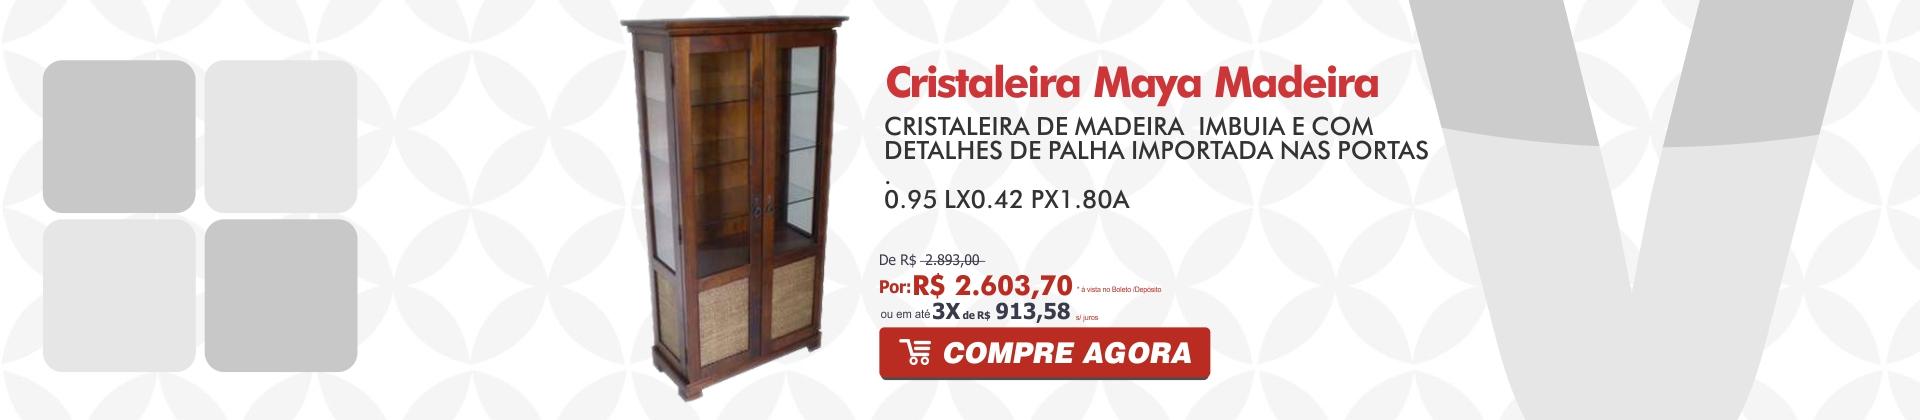 Cristaleira Maya Madeira